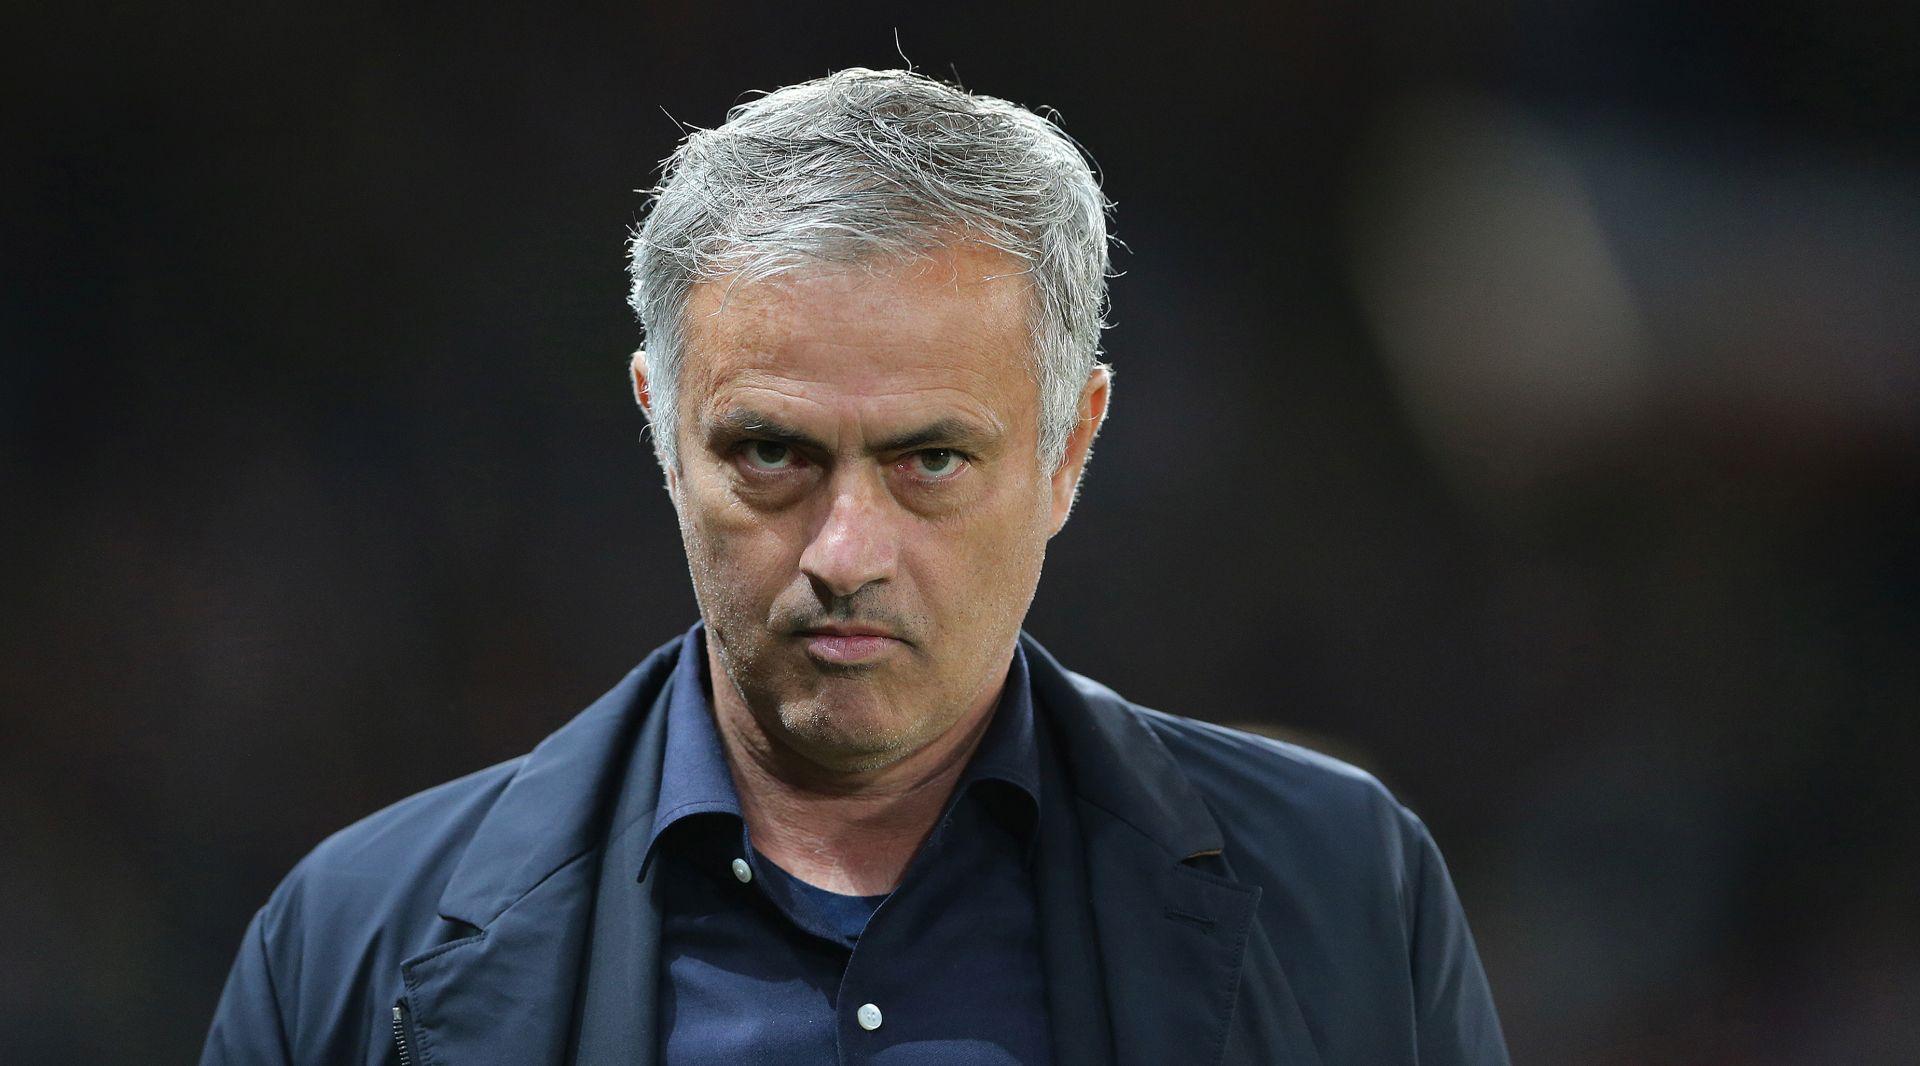 """Mourinho: """"Suci su postali pomoćnici, a glavne odluke donosi VAR"""""""